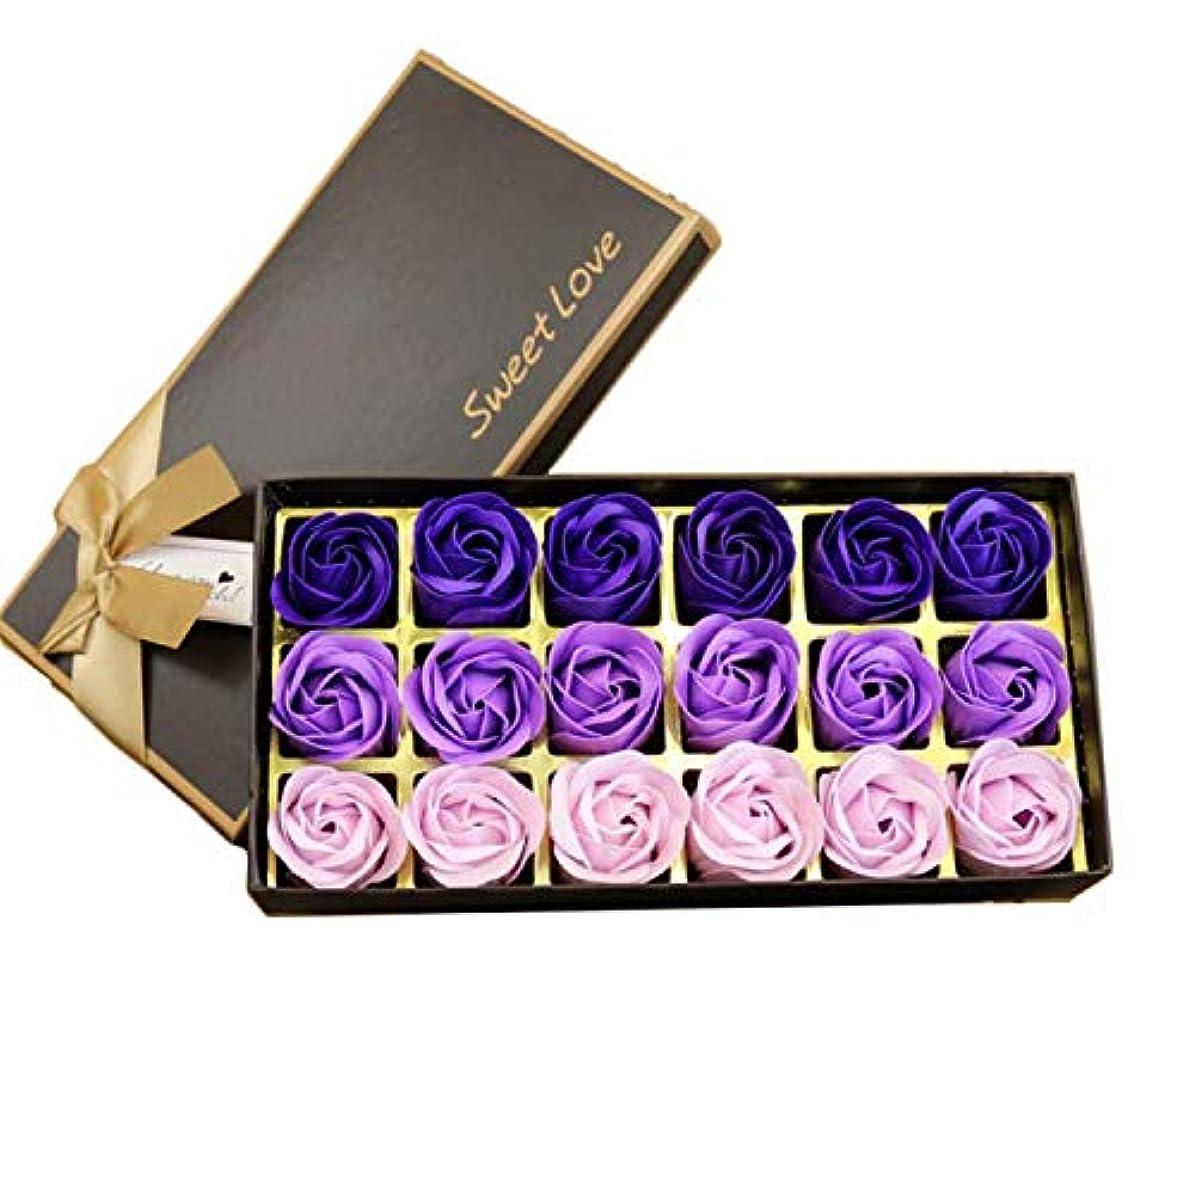 周辺円形の変色するサントレード 18枚入り 花の香 せっけん バスソープ せっけん ローズフラワー形 ロマンティック 記念日 誕生日 結婚式 バレンタインデー プレゼント (パープル)